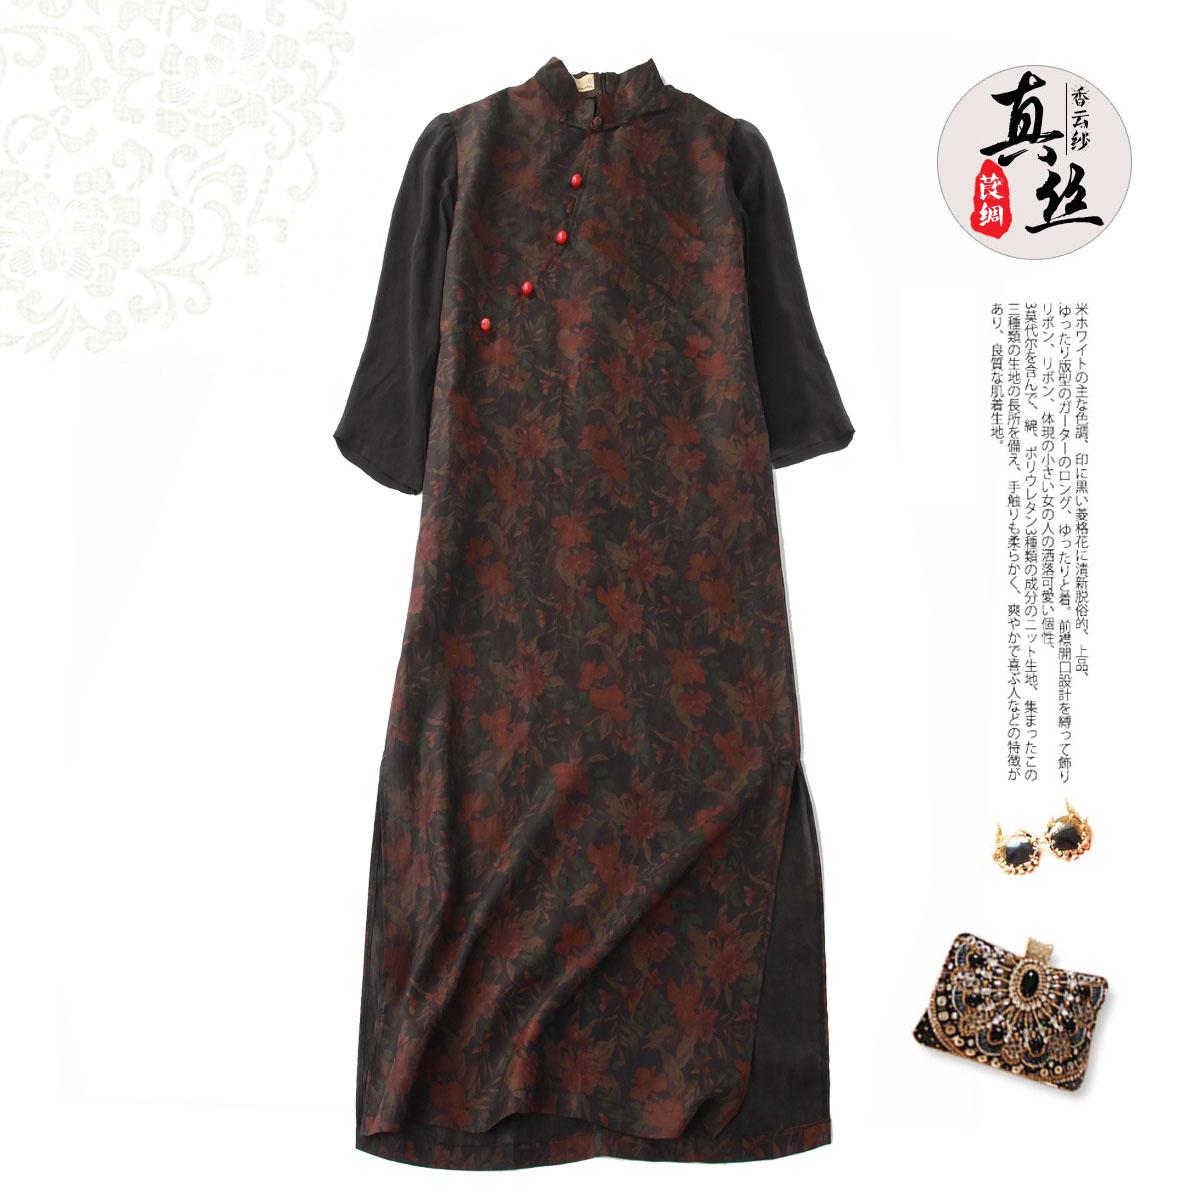 真丝香云纱连衣裙文艺中式连身裙开叉盘扣长袍拼接裙